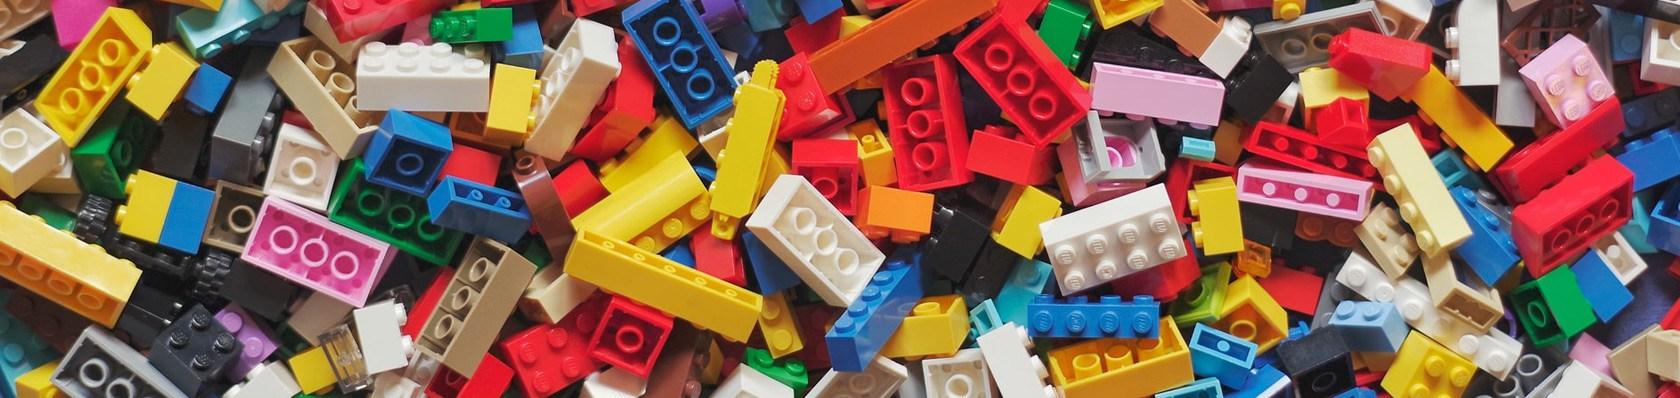 Produkte aus der Kategorie Brinquedos im Test auf ExpertenTesten.de